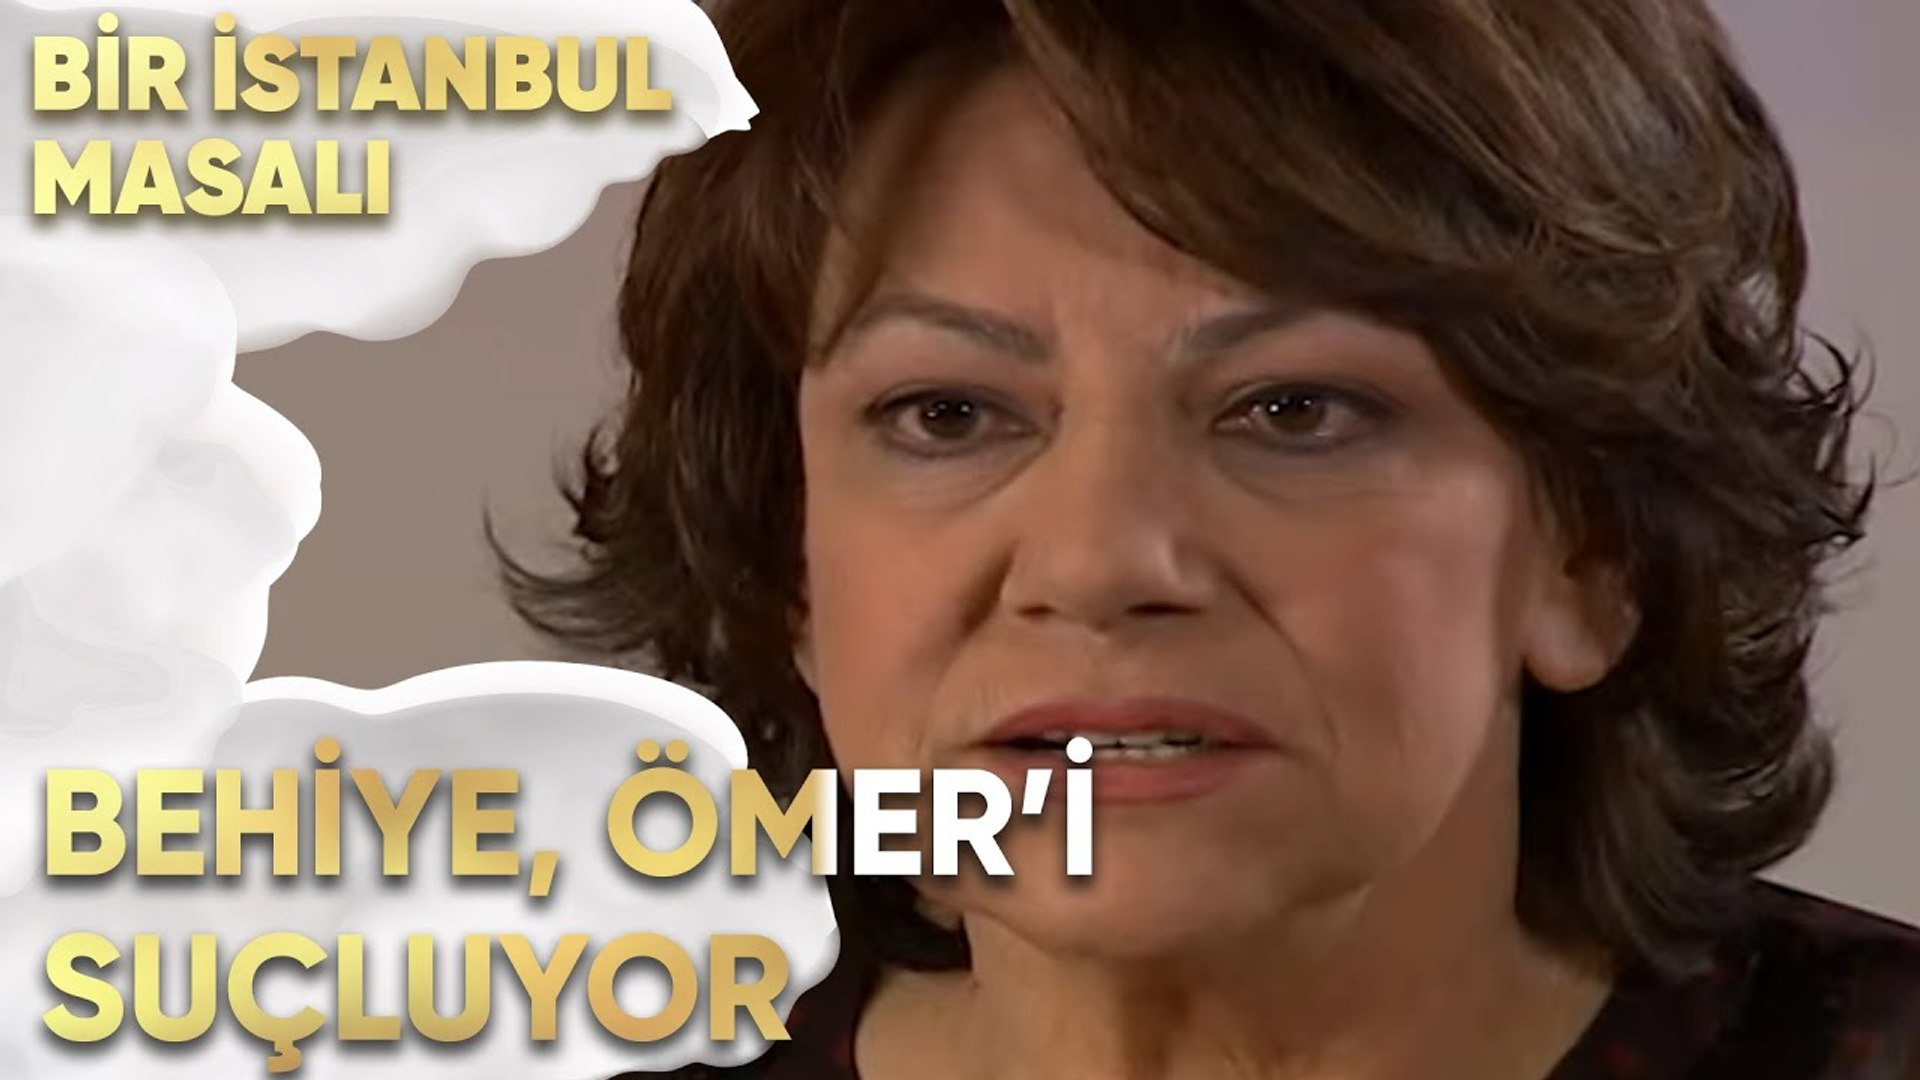 Behiye, Ayşe Kaybolduğu için Ömer'i Suçluyor - Bir İstanbul Masalı 23. Bölüm